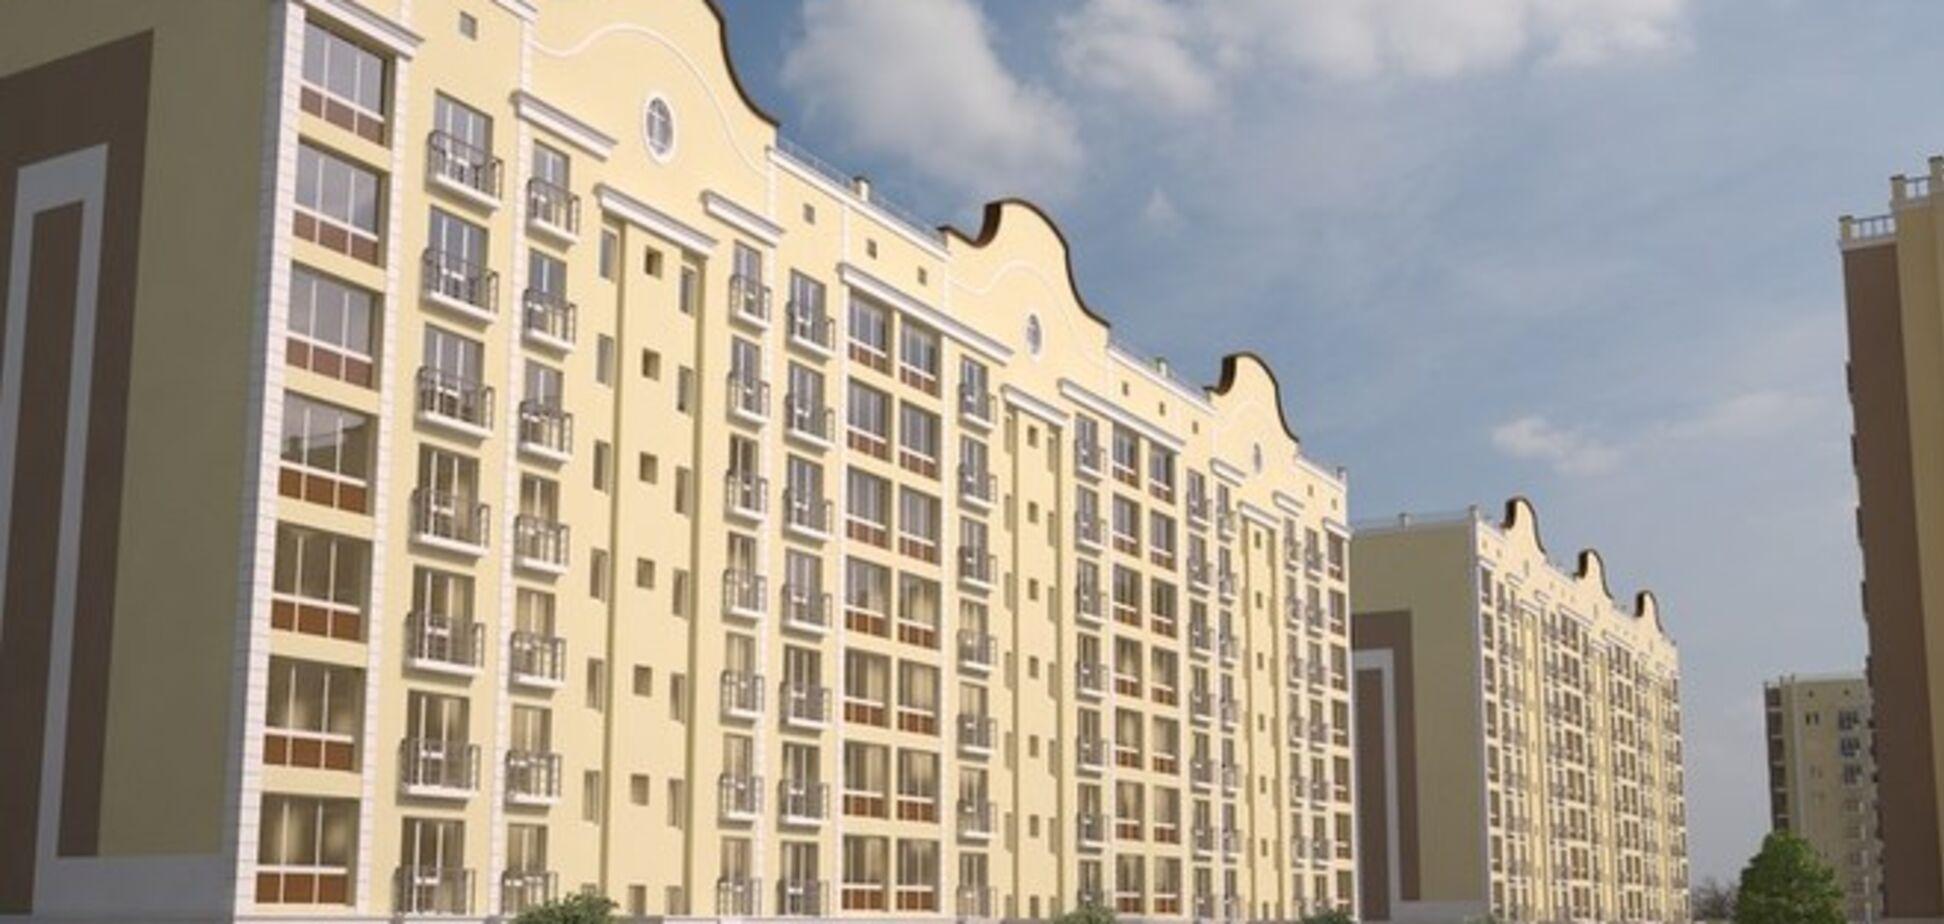 Цены на квартиры в 2015 году могут значительно снизиться